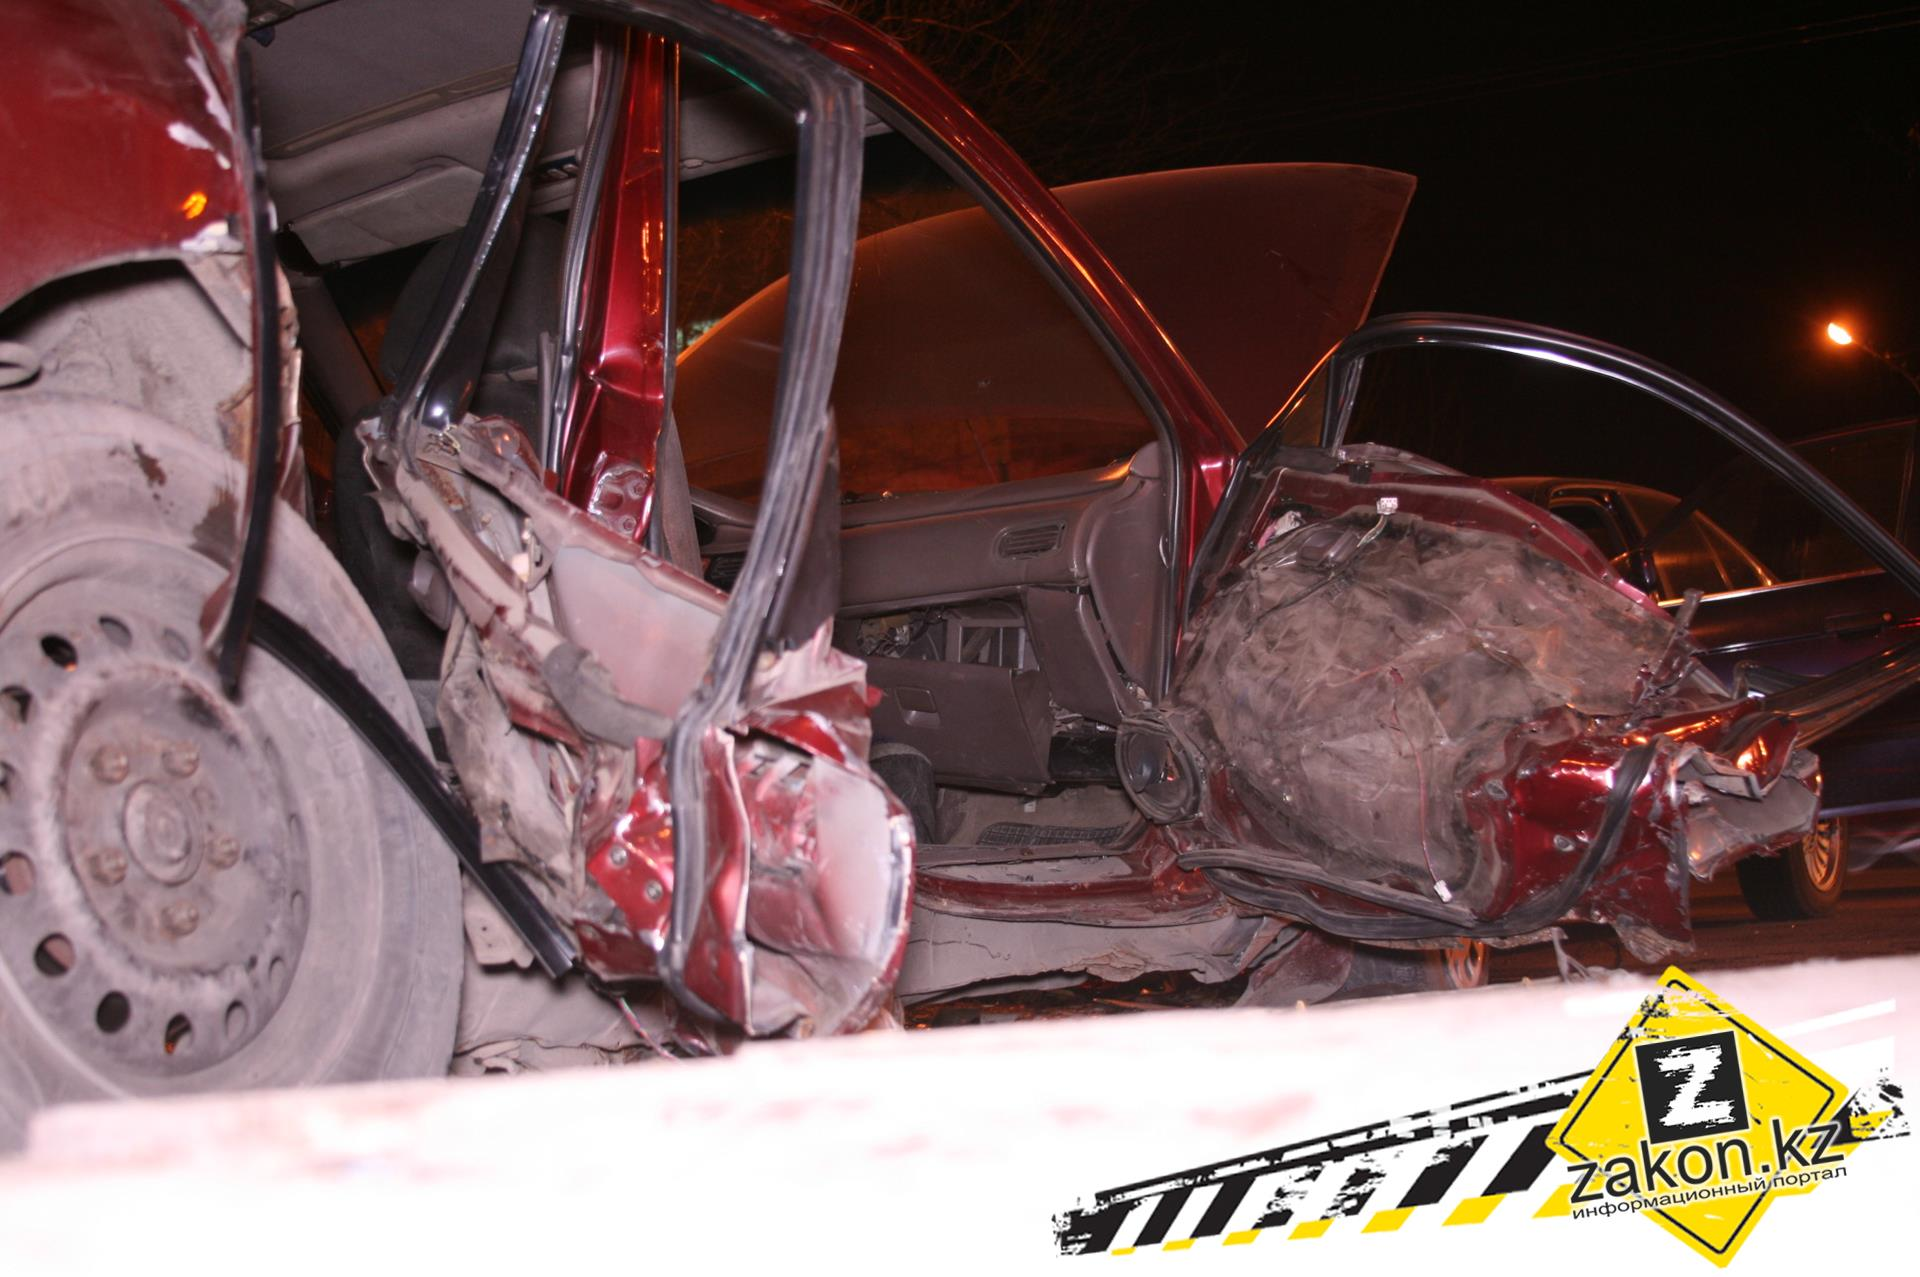 Свадьбы попавшие в аварию